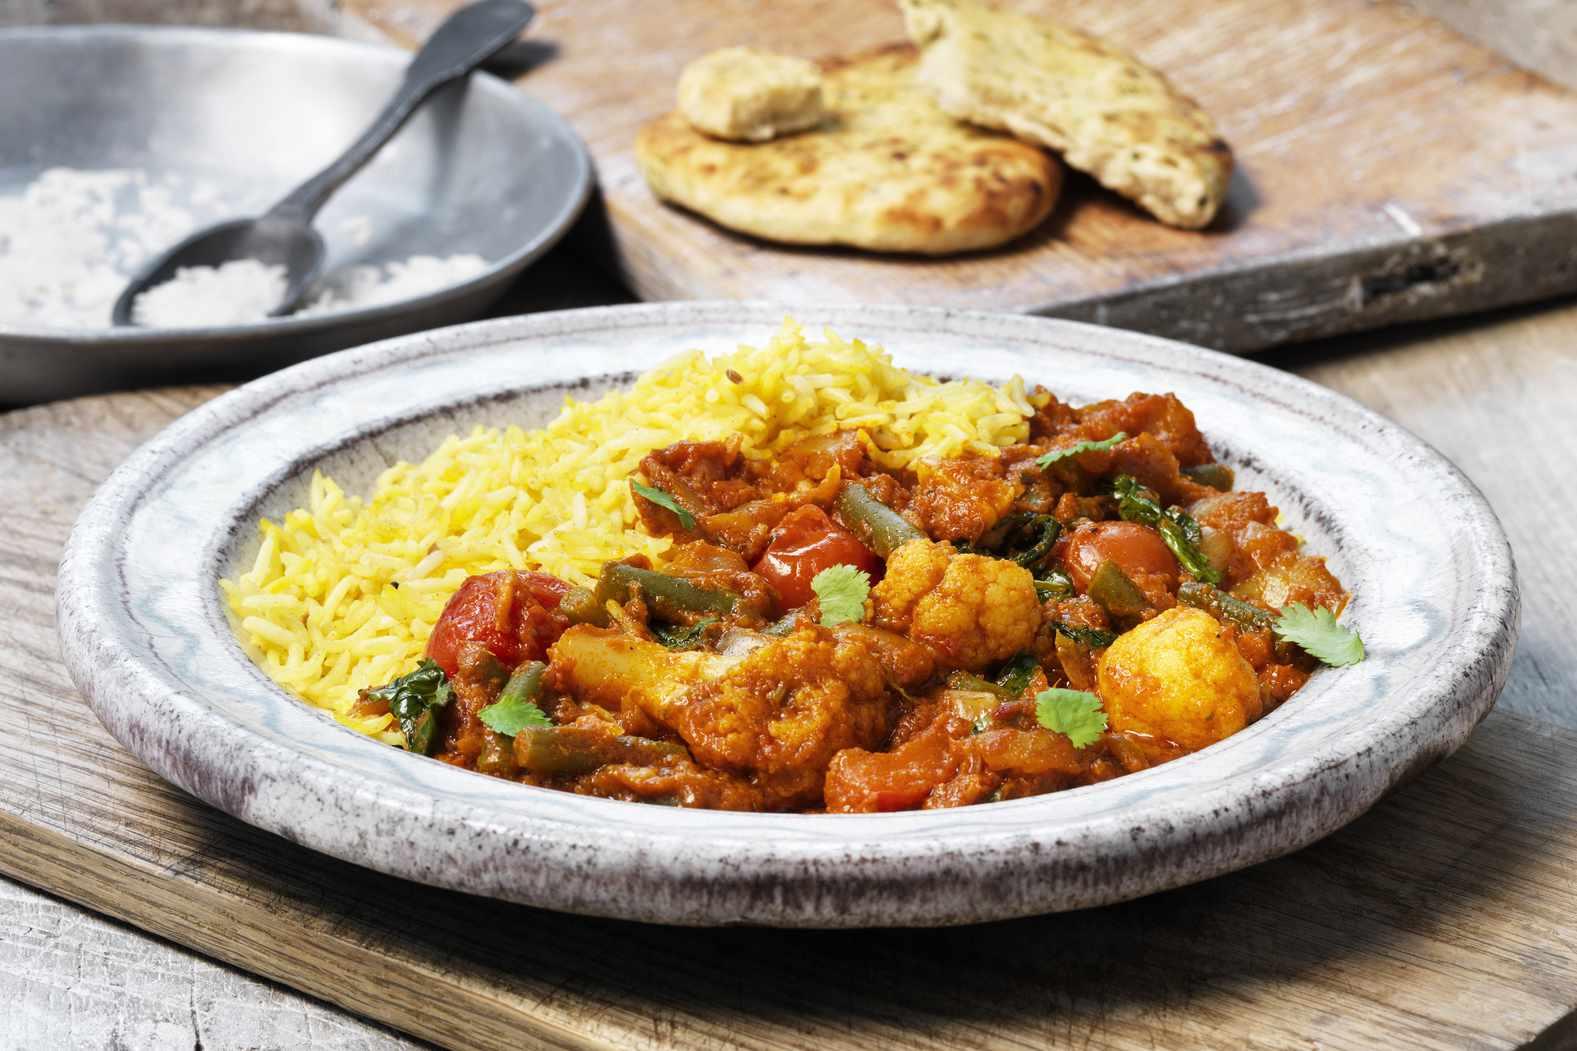 Cauliflower and chicken curry.